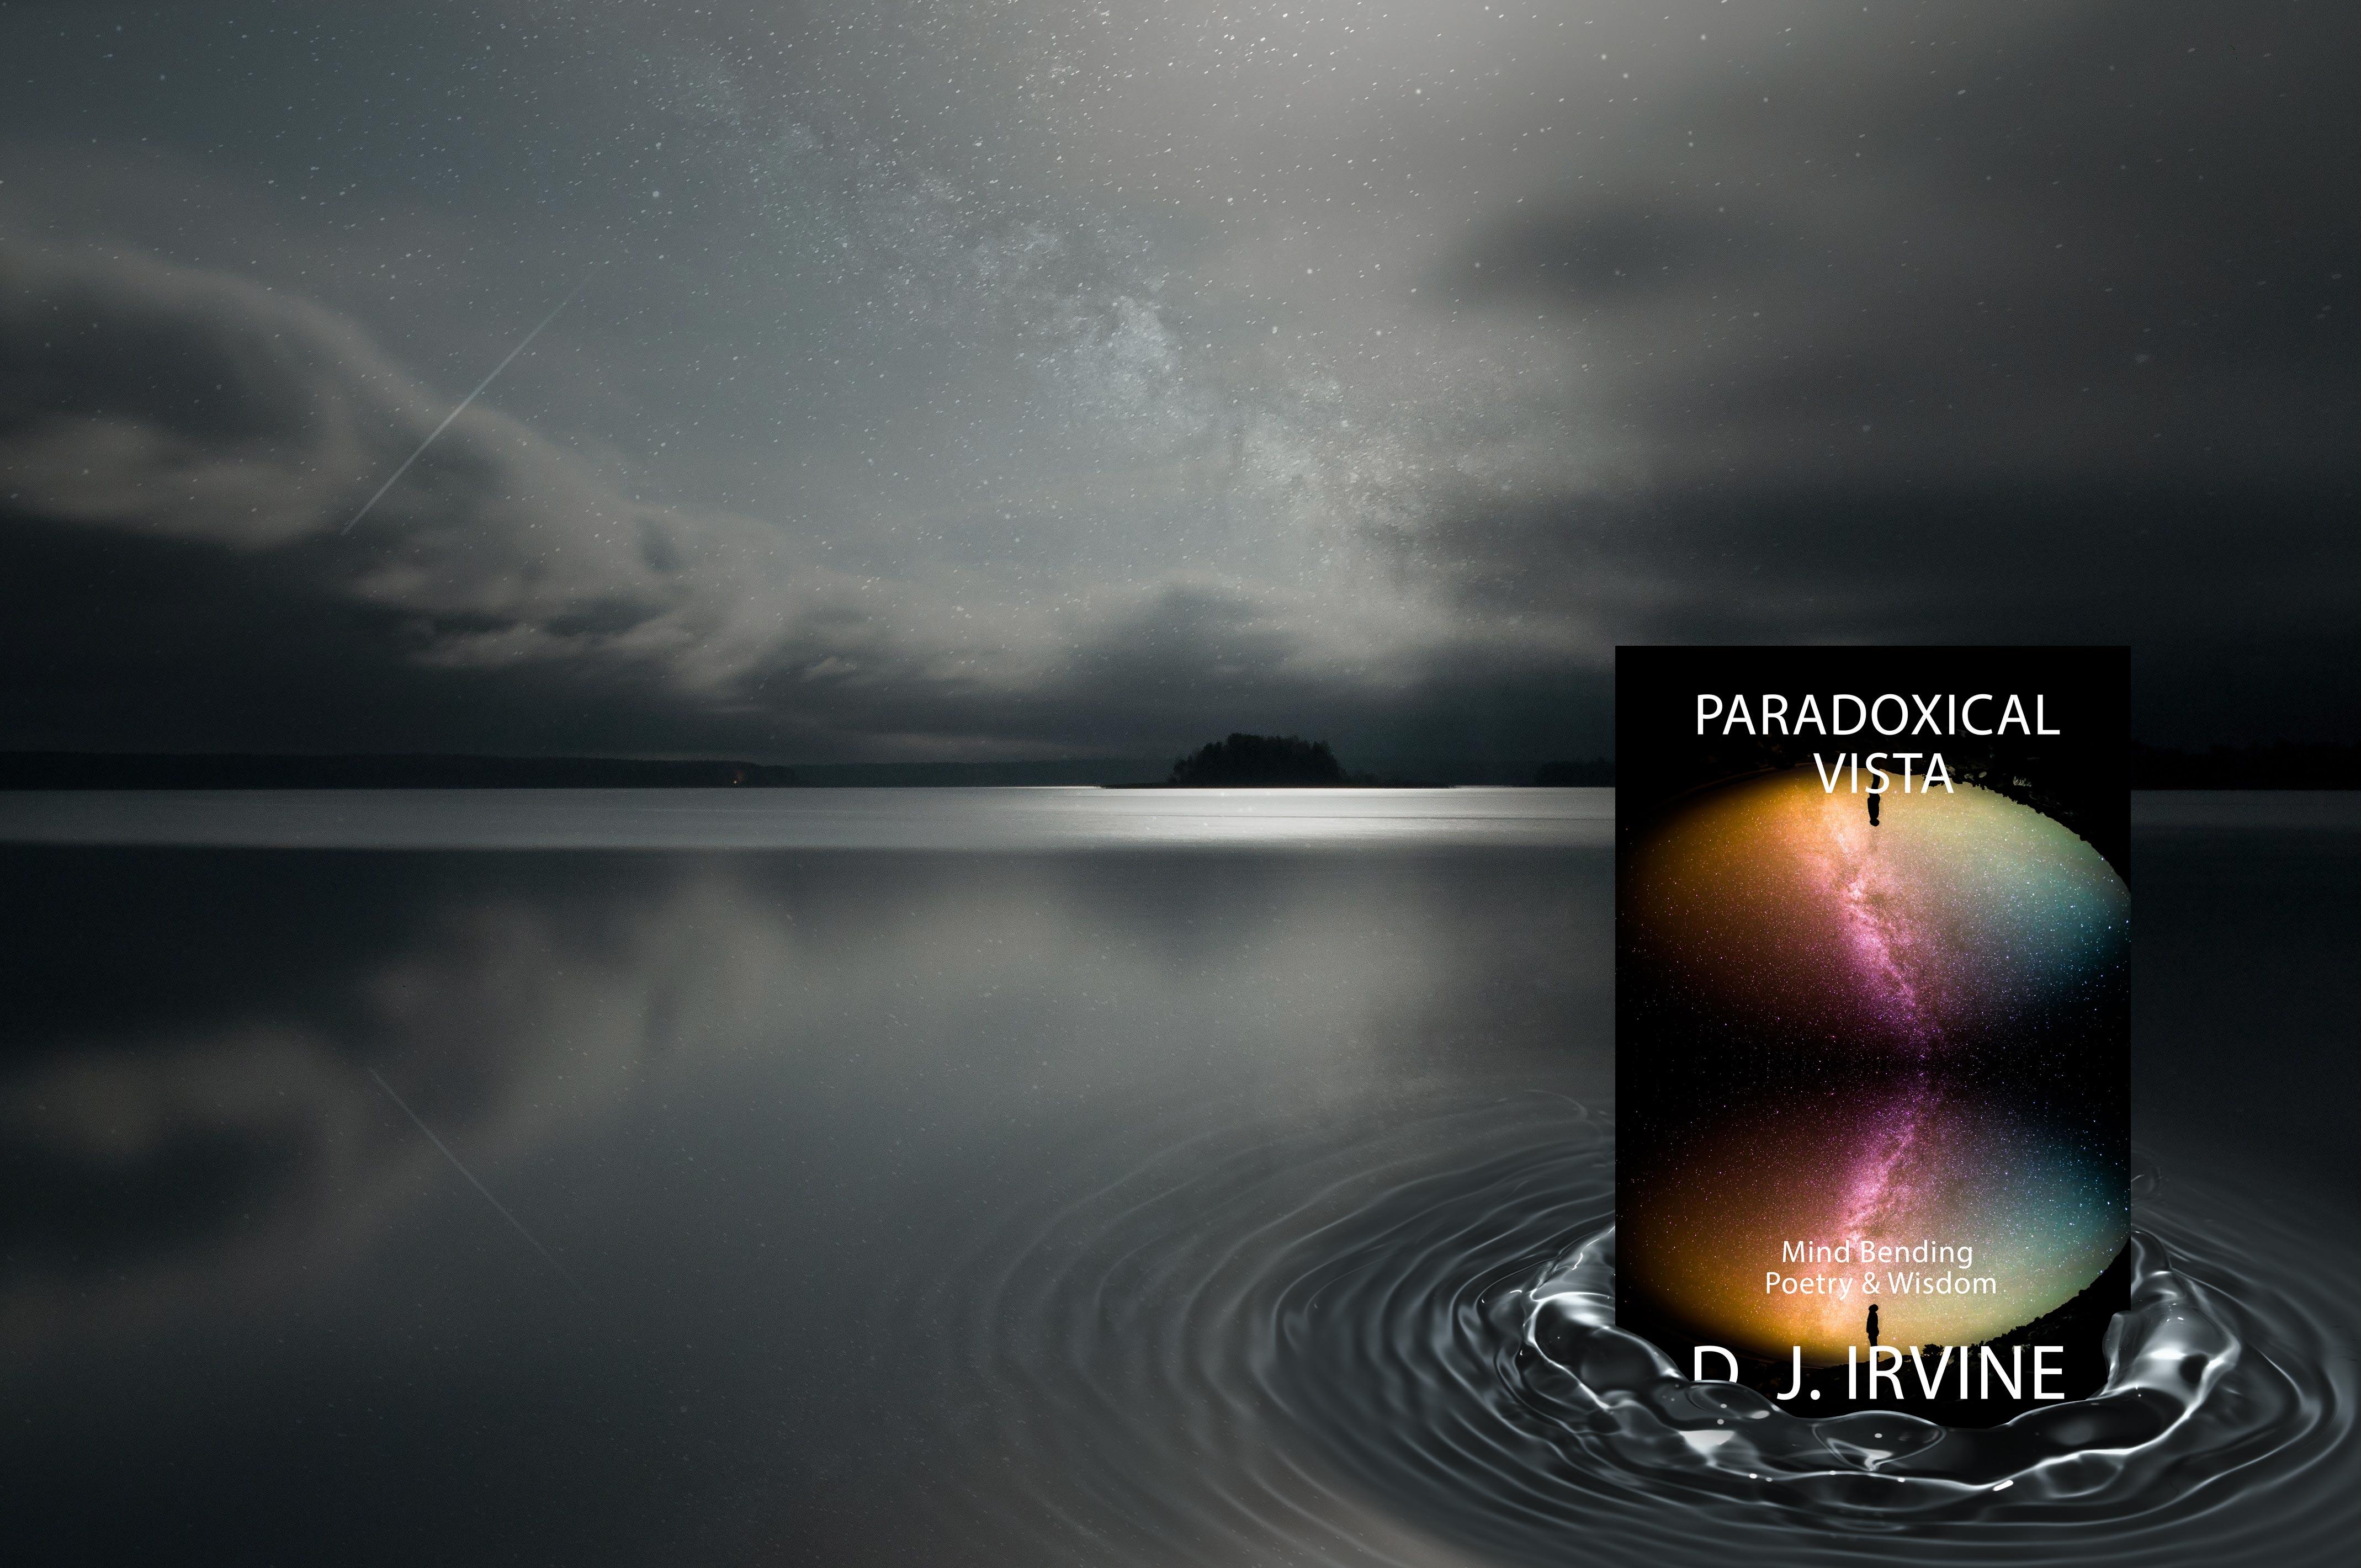 paradoxical-vista-book-poetry